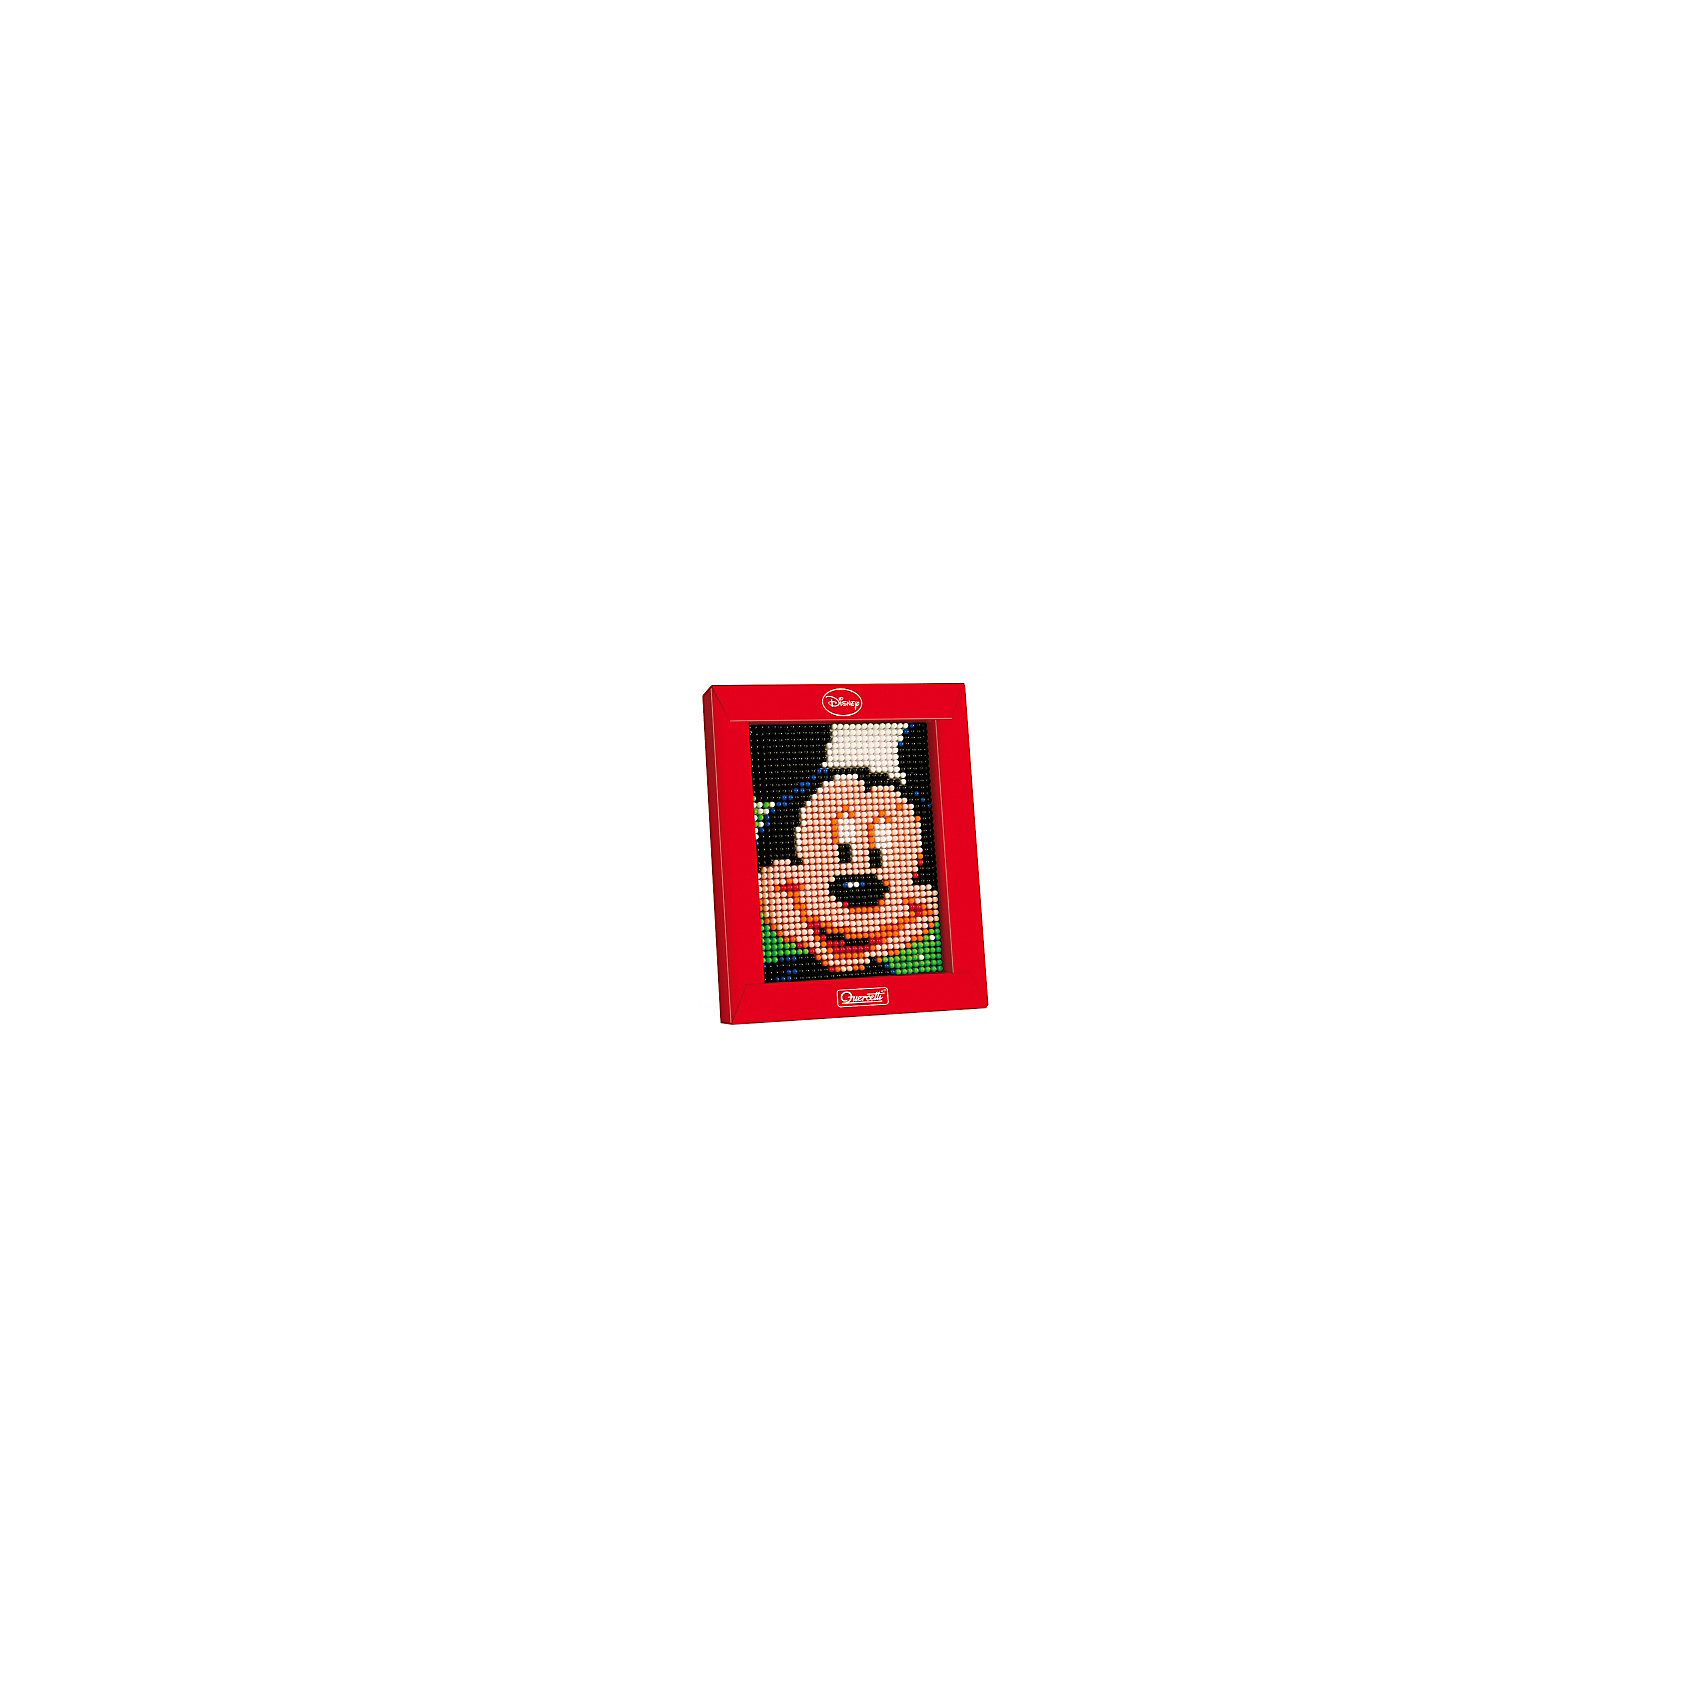 Пиксельная мозаика Микки, 1200 деталей, QuercettiПиксельная мозаика Микки, 1200 деталей, Quercetti (Кверсетти).<br><br>Характеристики:<br><br>- В наборе: 1200 деталей 7-ти цветов, основа (наборная доска), картонная рамка, направляющий лист, плакат, инструкция<br>- Размер основы: 12 х 16,5 см.<br>- Размер рамки: 16,5 х 21 х 3,2 см.<br>- Цвета: белый, розовый, оранжевый, красный, синий, зеленый, черный<br>- Материал: безопасный пластик, окрашенный нетоксичными красками<br>- Упаковка: картонная коробка<br>- Размер упаковки: 17 х 22 х 4 см.<br><br>Пиксельная мозаика от Quercetti (Кверсетти) поможет вашему малышу из 1200 деталей создать портрет любимого мультгероя Микки Мауса. Нужно просто положить цветную схему на основу и можно начинать собирать мозаику! Рисунок на листе разделен на маленькие квадратики. Ребенку нужно выбрать подходящие по цвету детали-гвоздики и вставить их в отверстия. Кончики элементов легко проходят сквозь бумагу и надежно фиксируются в основе. В итоге они ложатся ровными рядами, а разноцветные шляпки сливаются в единое цветовое полотно, и если смотреть на собранную картинку с расстояния, изображение чудесным образом преобразится, повторяя эффект фотографии. Готовую картинку можно вставить в картонную рамочку и повесить на стену, как настоящую картину. Собирание мозаики развивает у детей цветовосприятие, творческие способности, внимание, усидчивость и мелкую моторику.<br><br>Пиксельную мозаику Микки, 1200 деталей, Quercetti (Кверсетти) можно купить в нашем интернет-магазине.<br><br>Ширина мм: 220<br>Глубина мм: 36<br>Высота мм: 170<br>Вес г: 287<br>Возраст от месяцев: 60<br>Возраст до месяцев: 2147483647<br>Пол: Унисекс<br>Возраст: Детский<br>SKU: 5140051